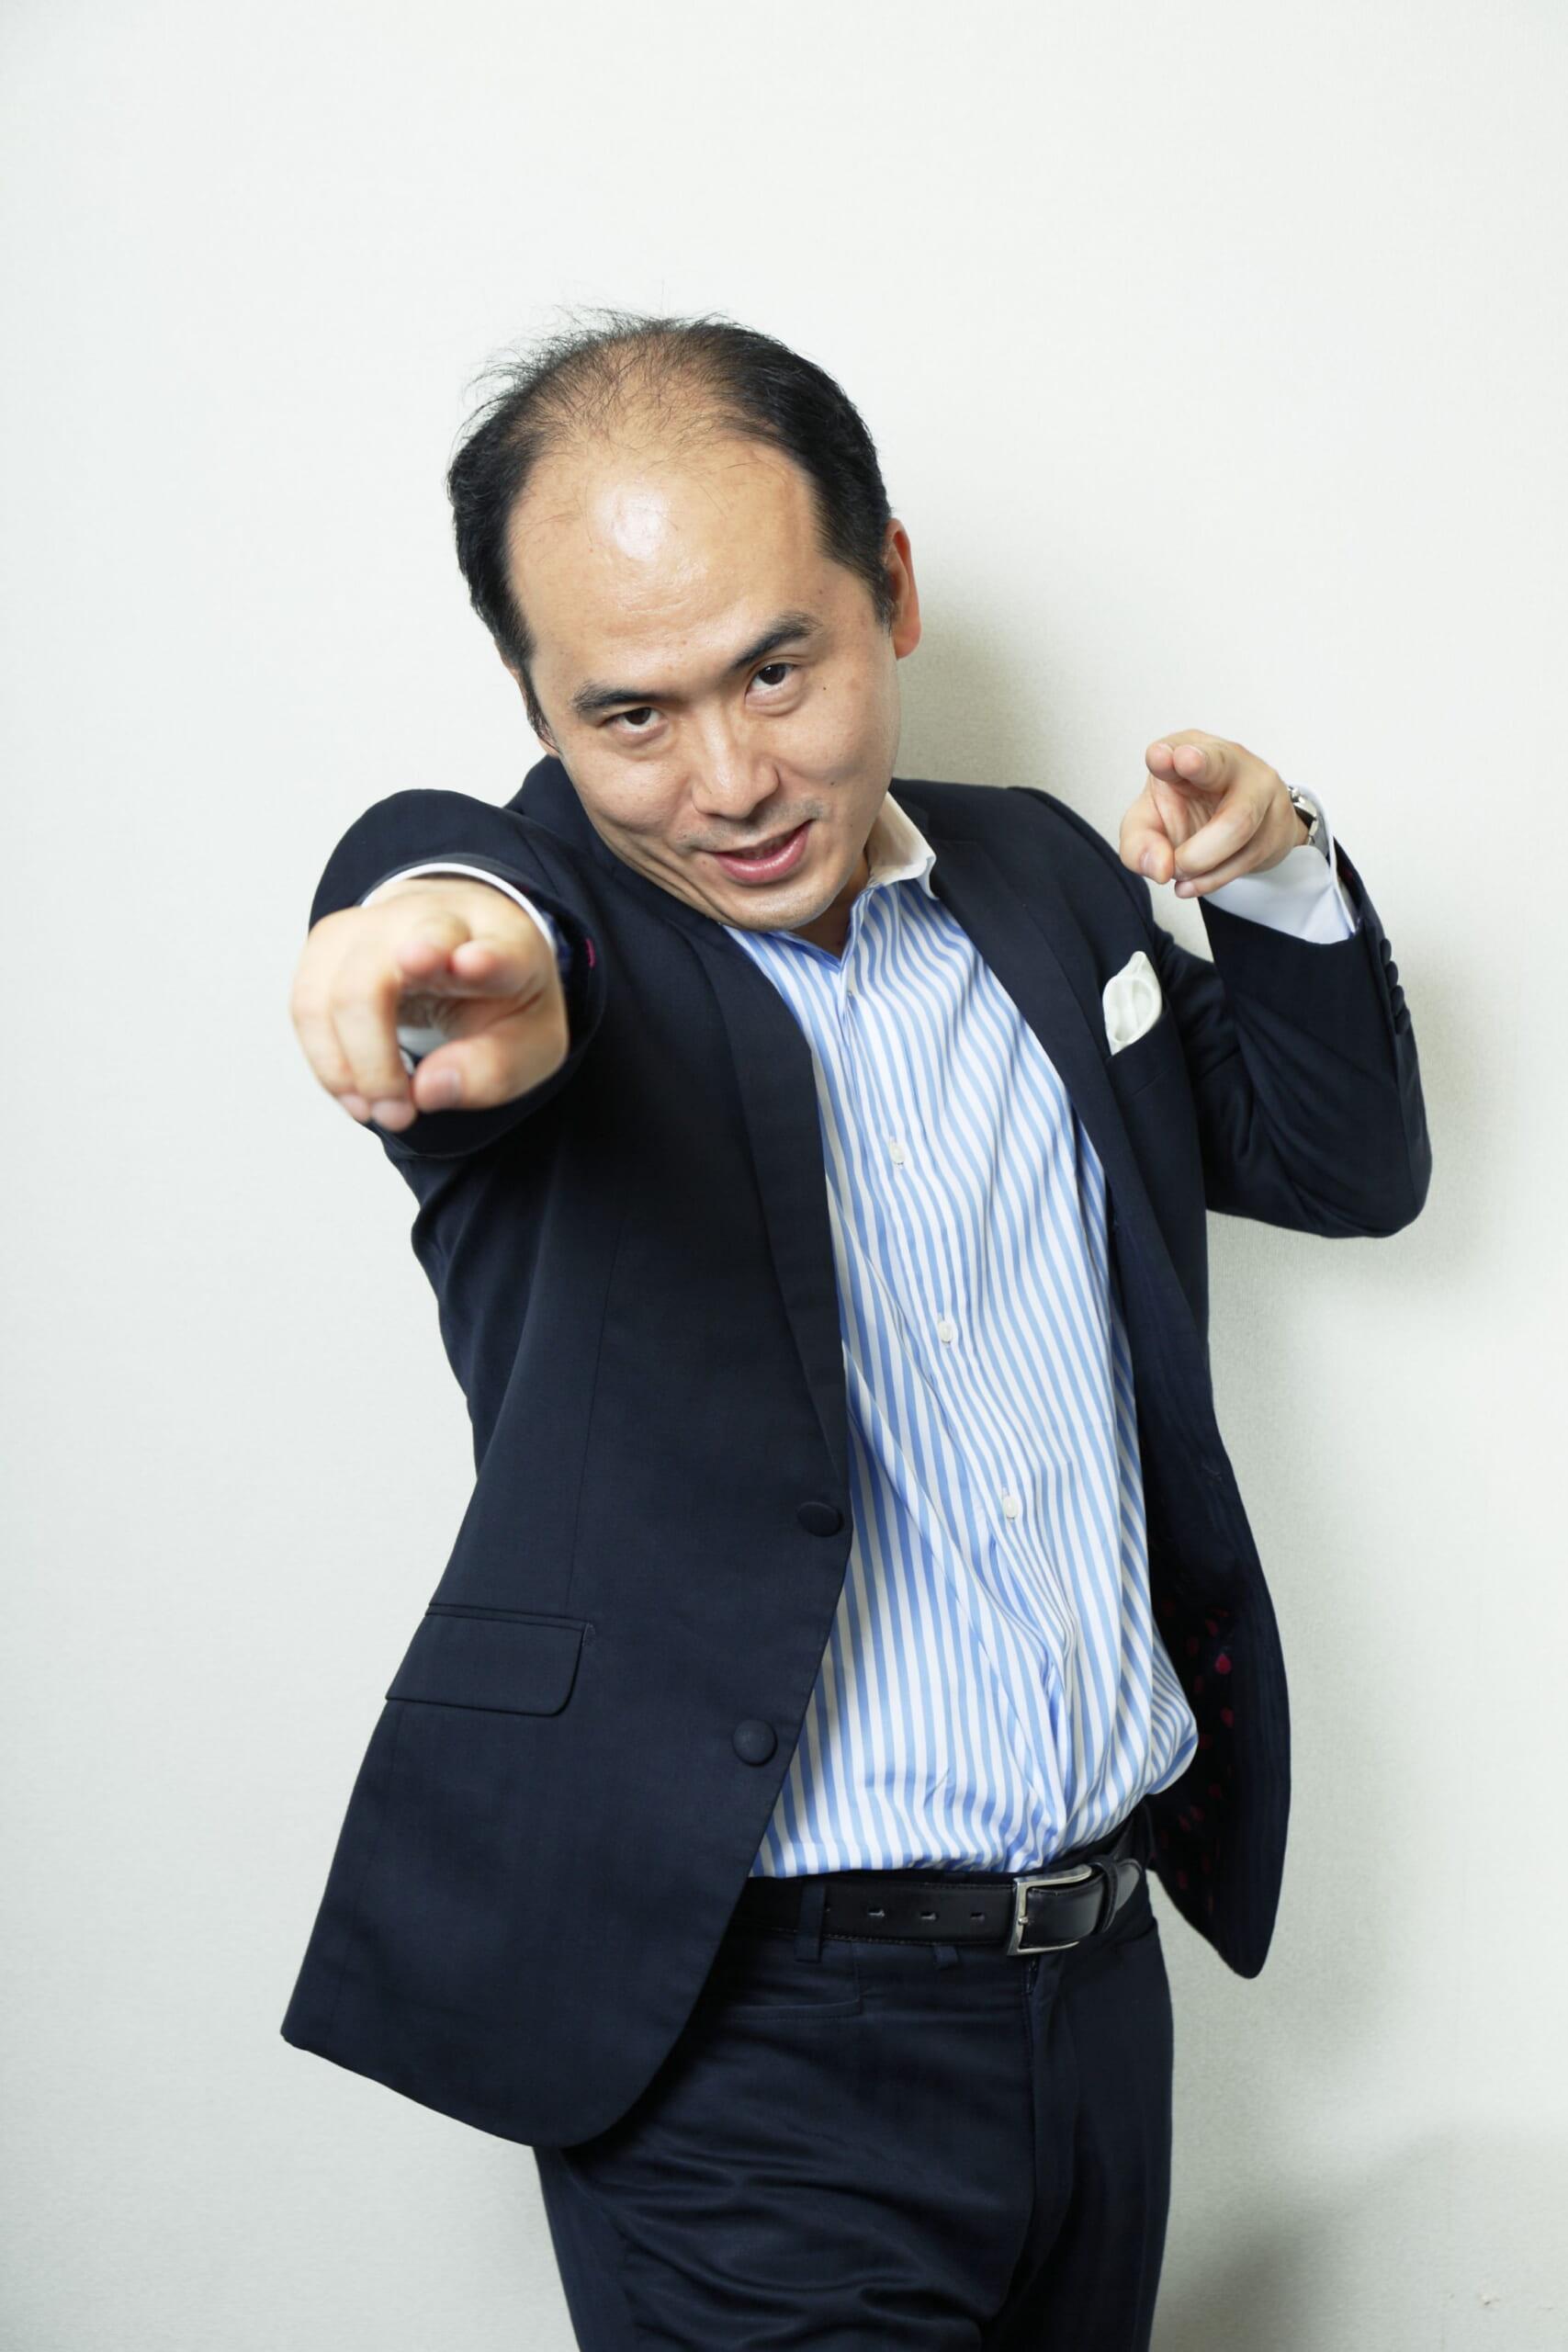 M1優勝から1年、トレエン斎藤が見据える先は? 独占激白。